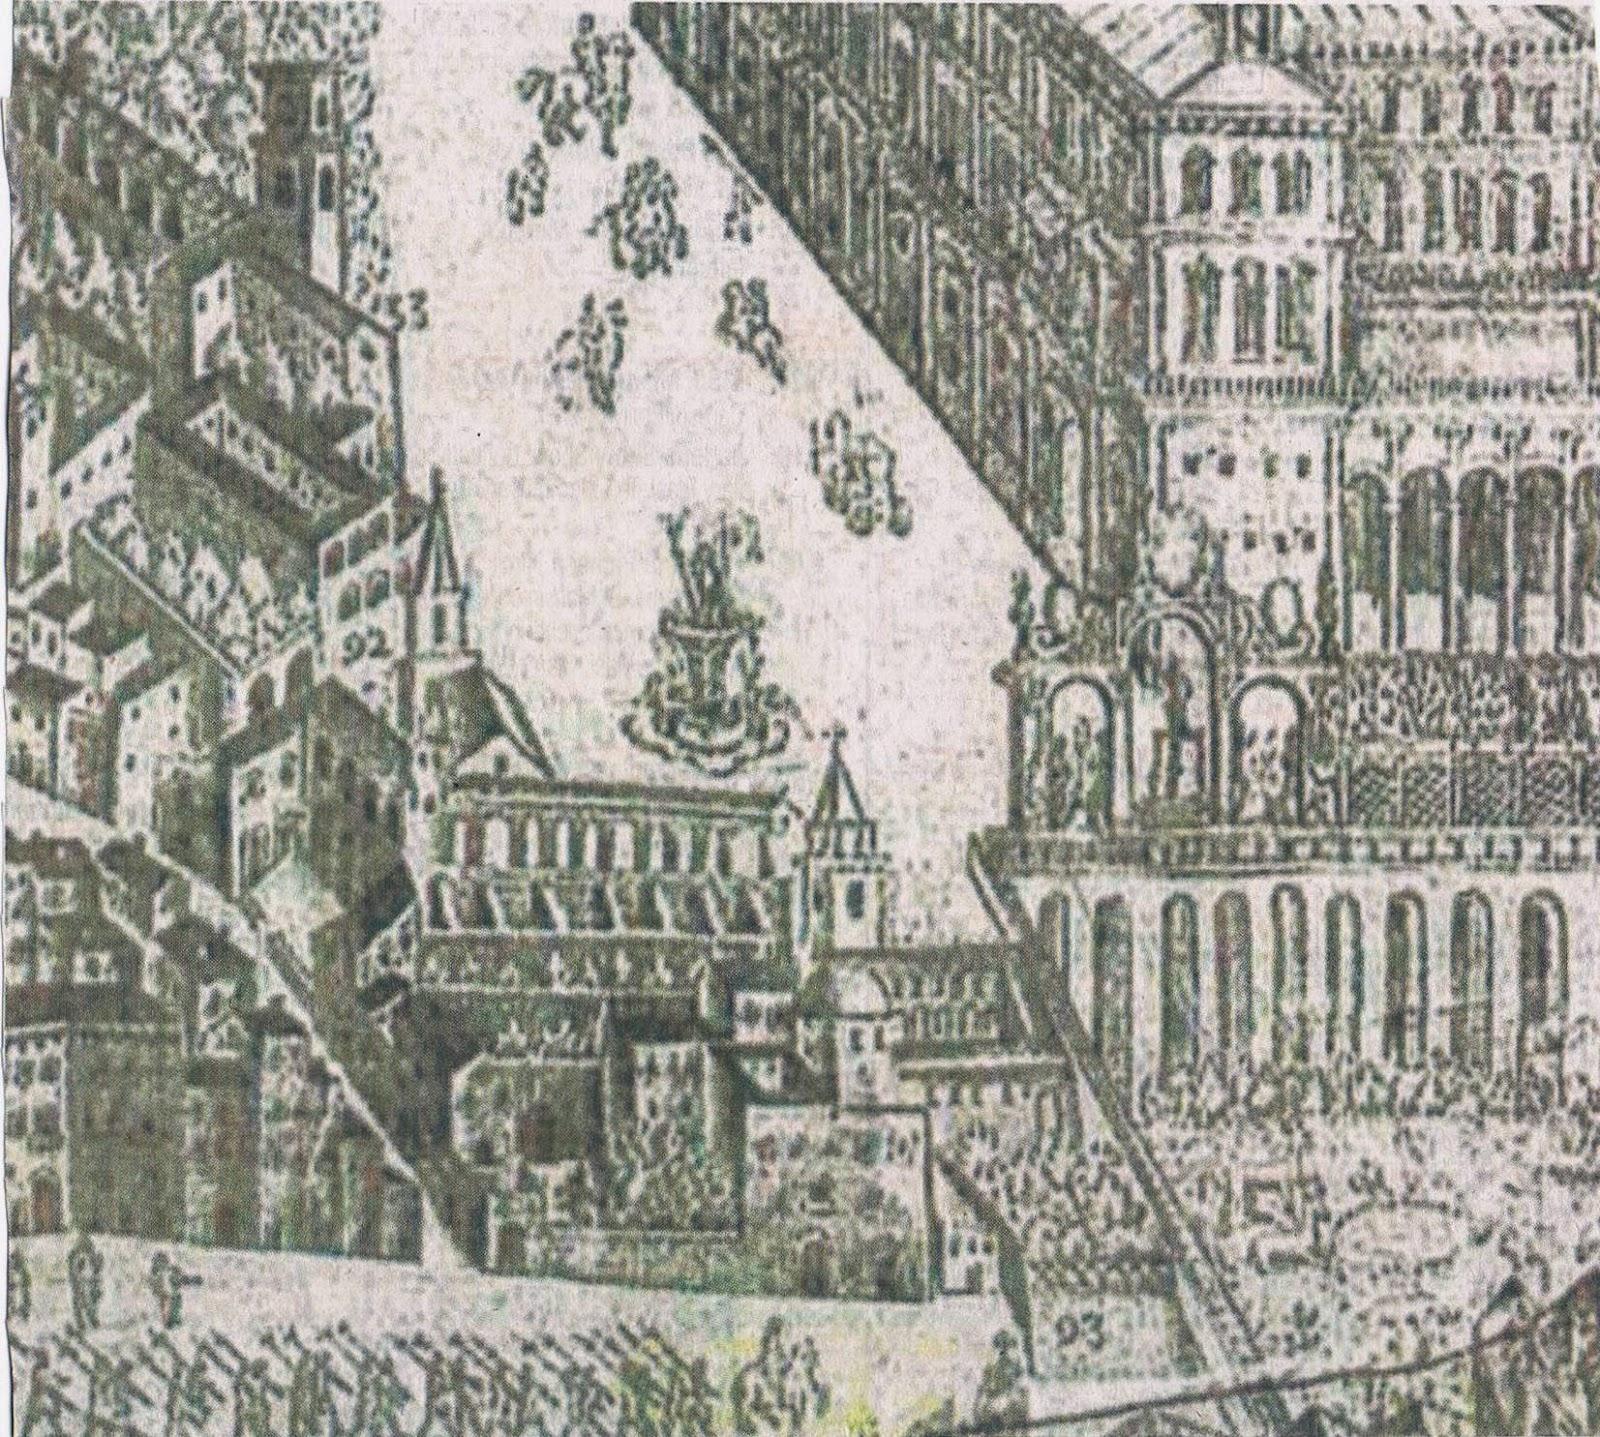 Particolare di Napoli in una tavola di Alessandro Baratta